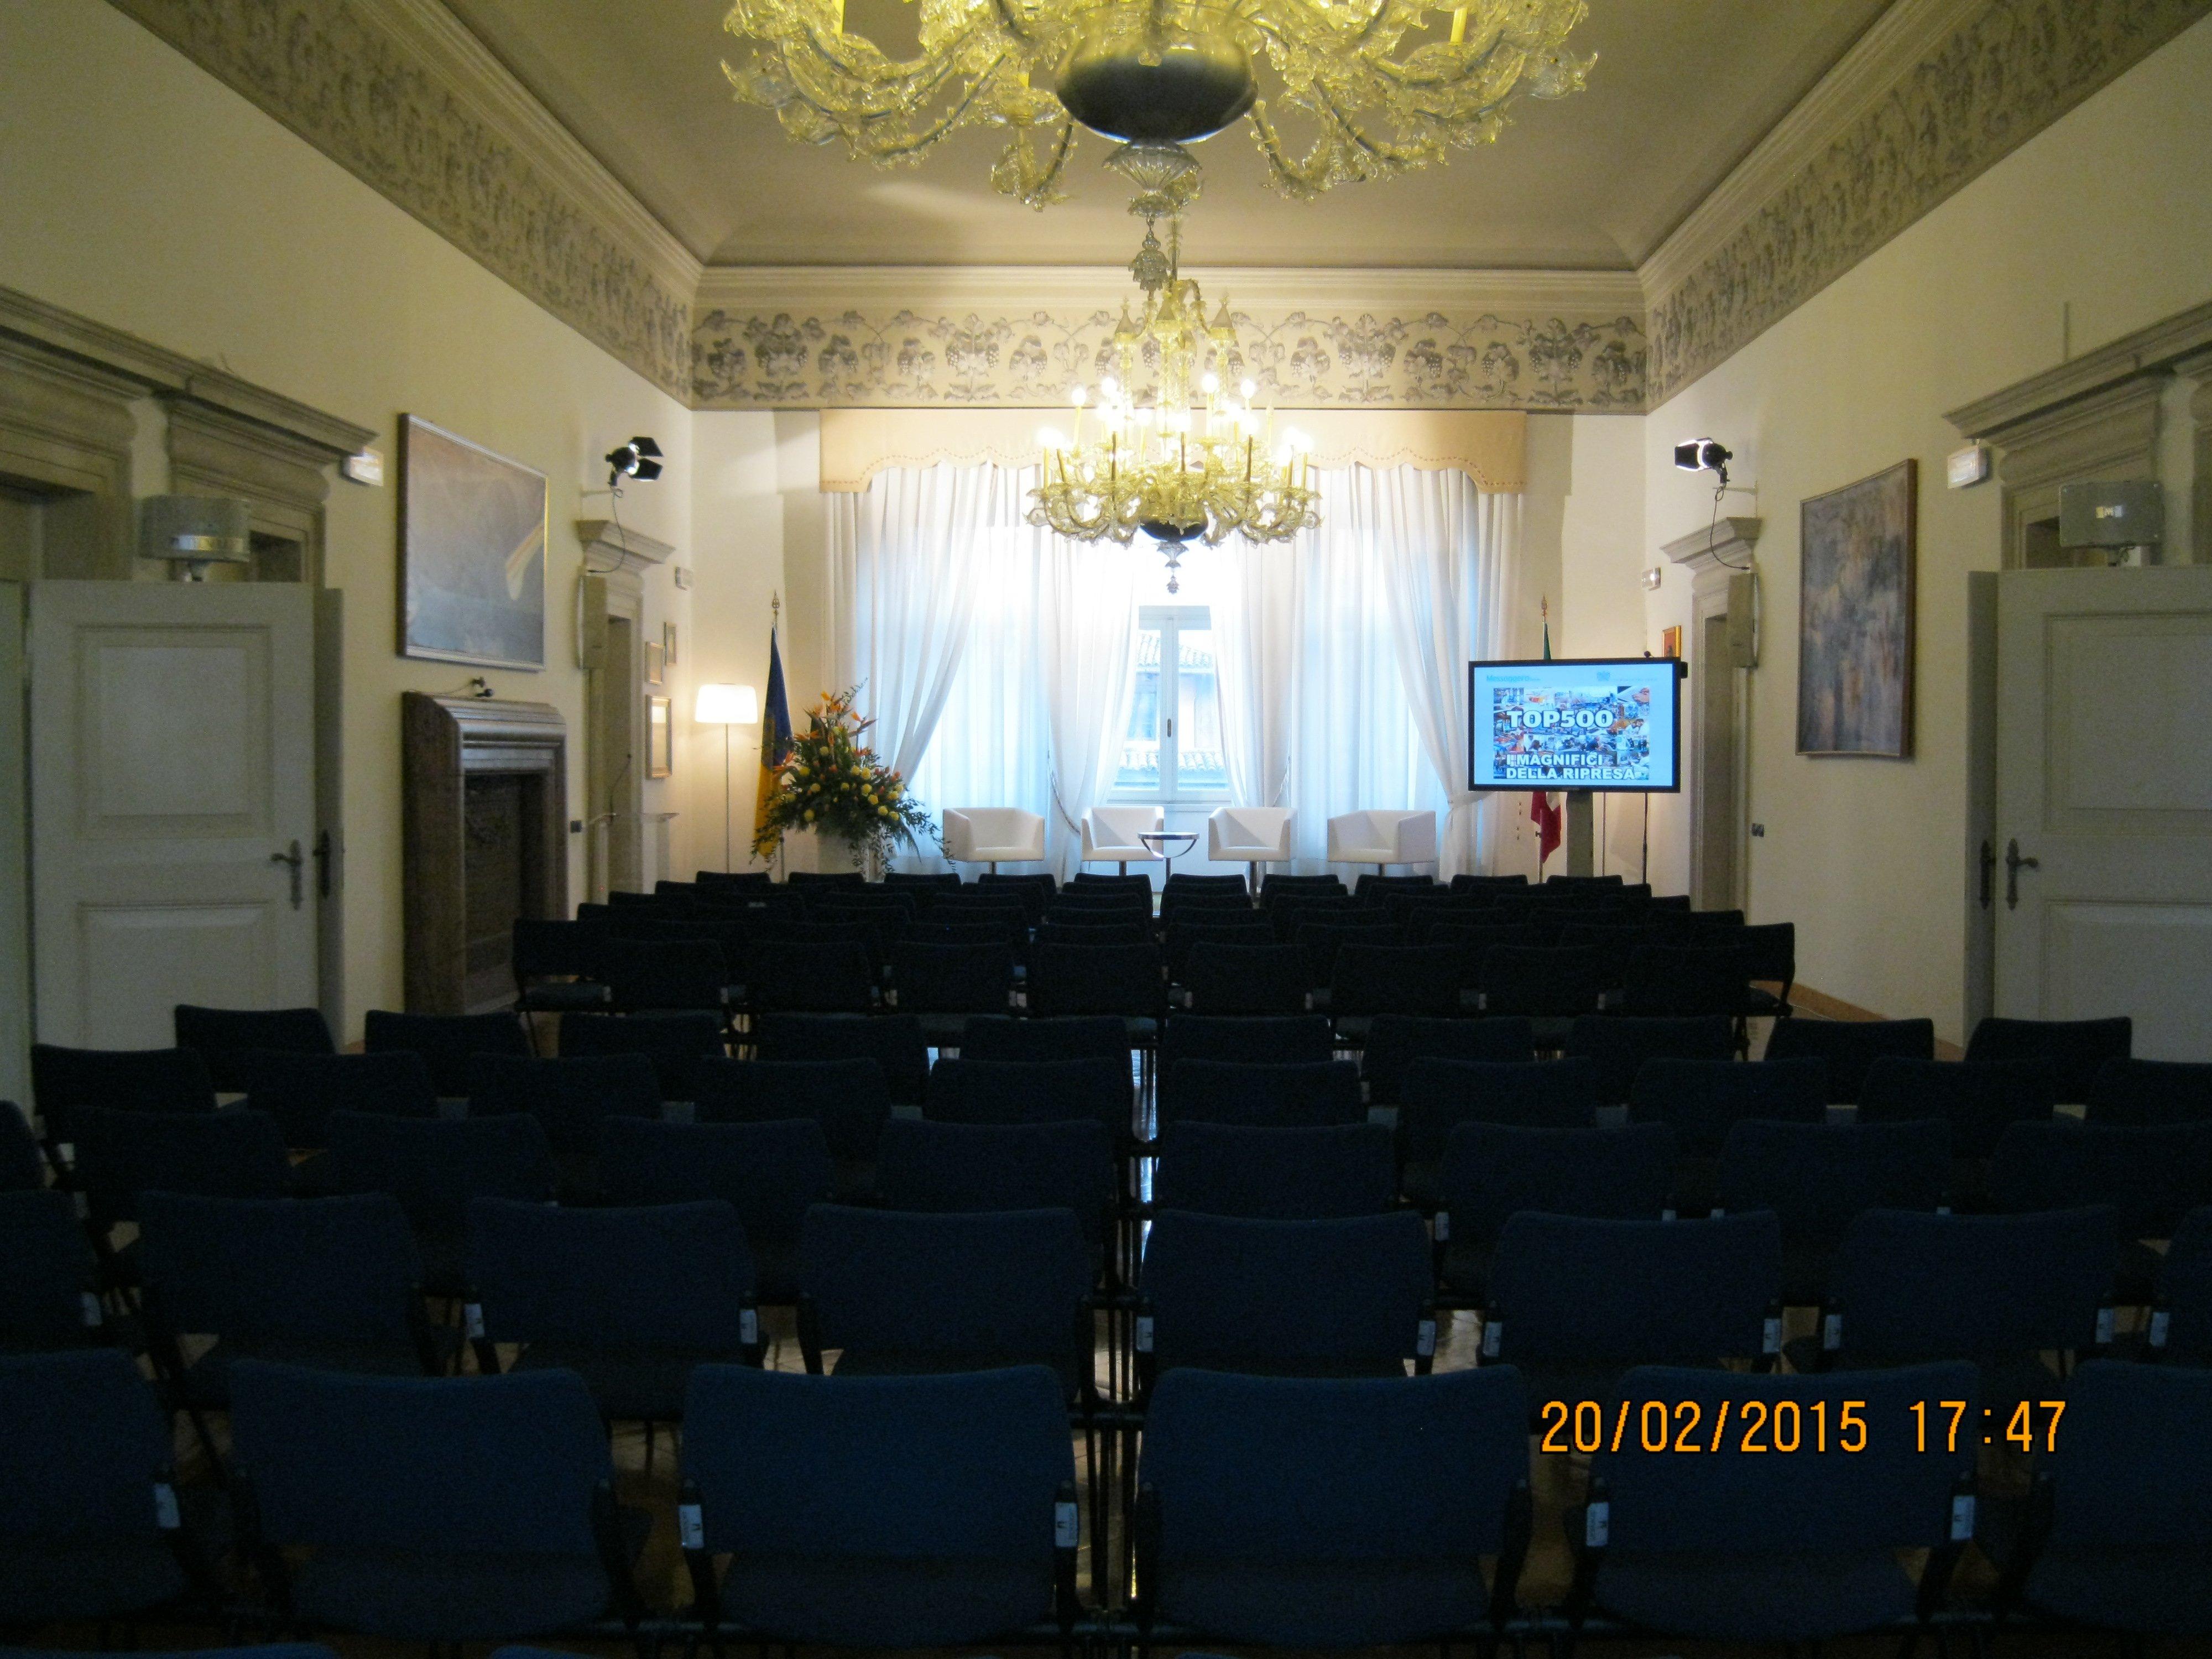 conferenza in un palazzo ducale